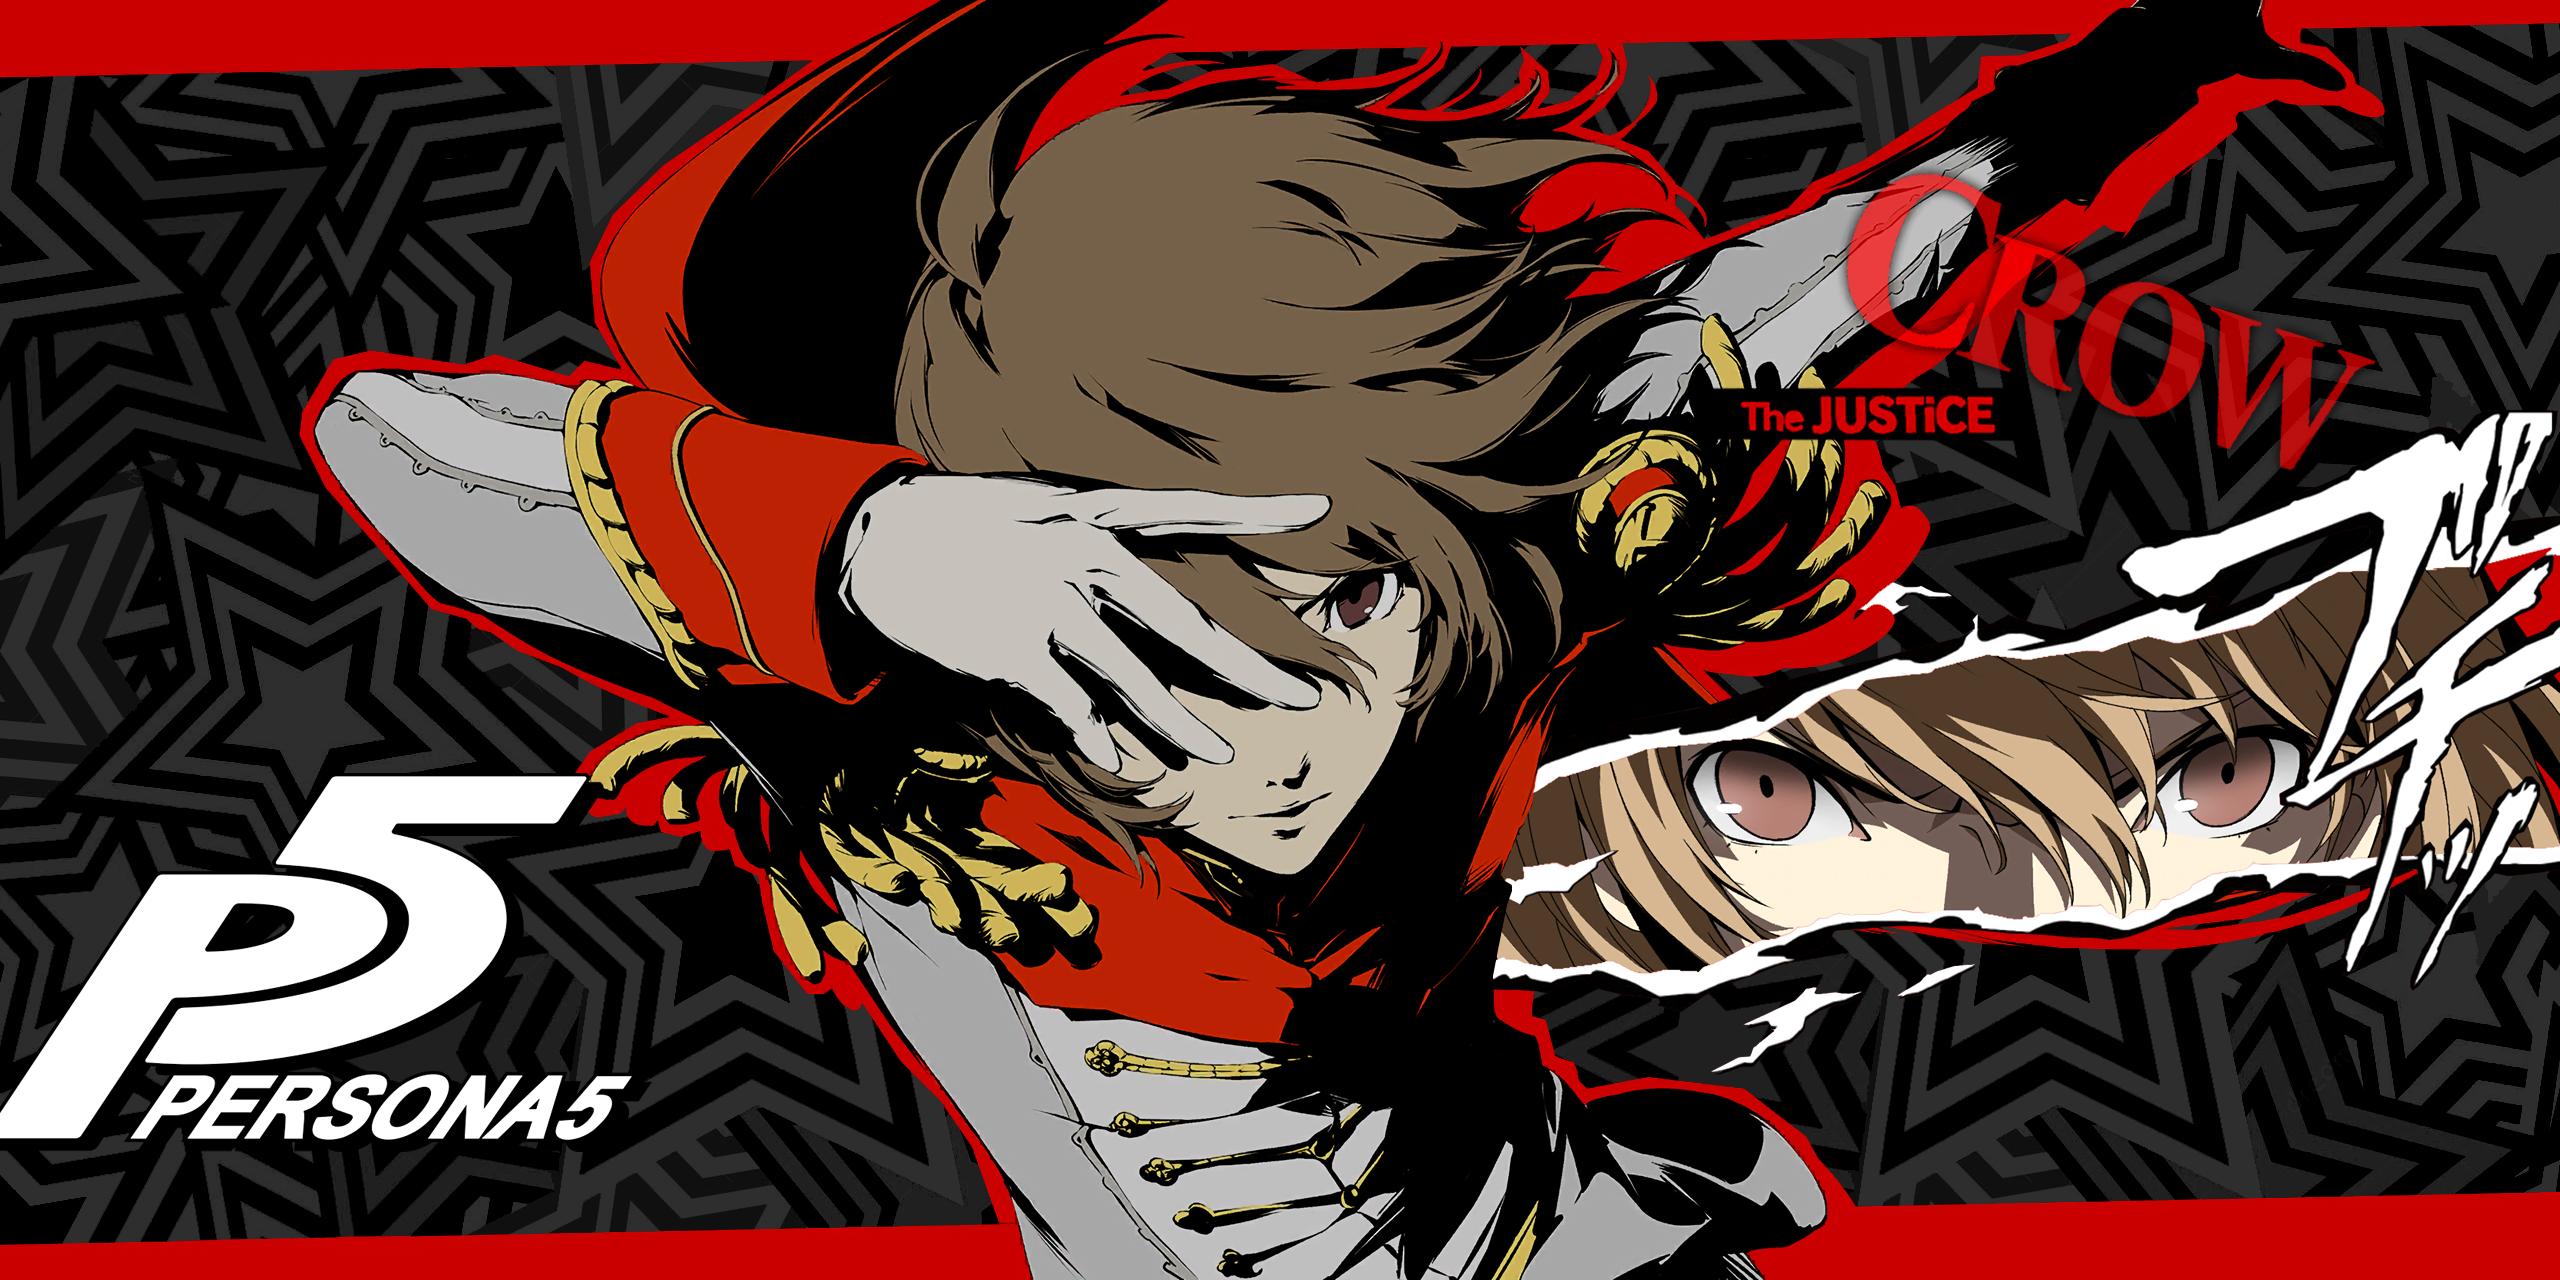 Persona 5 Android Wallpaper 1920x1080 Persona 5 Persona 5 Anime Persona 5 Joker